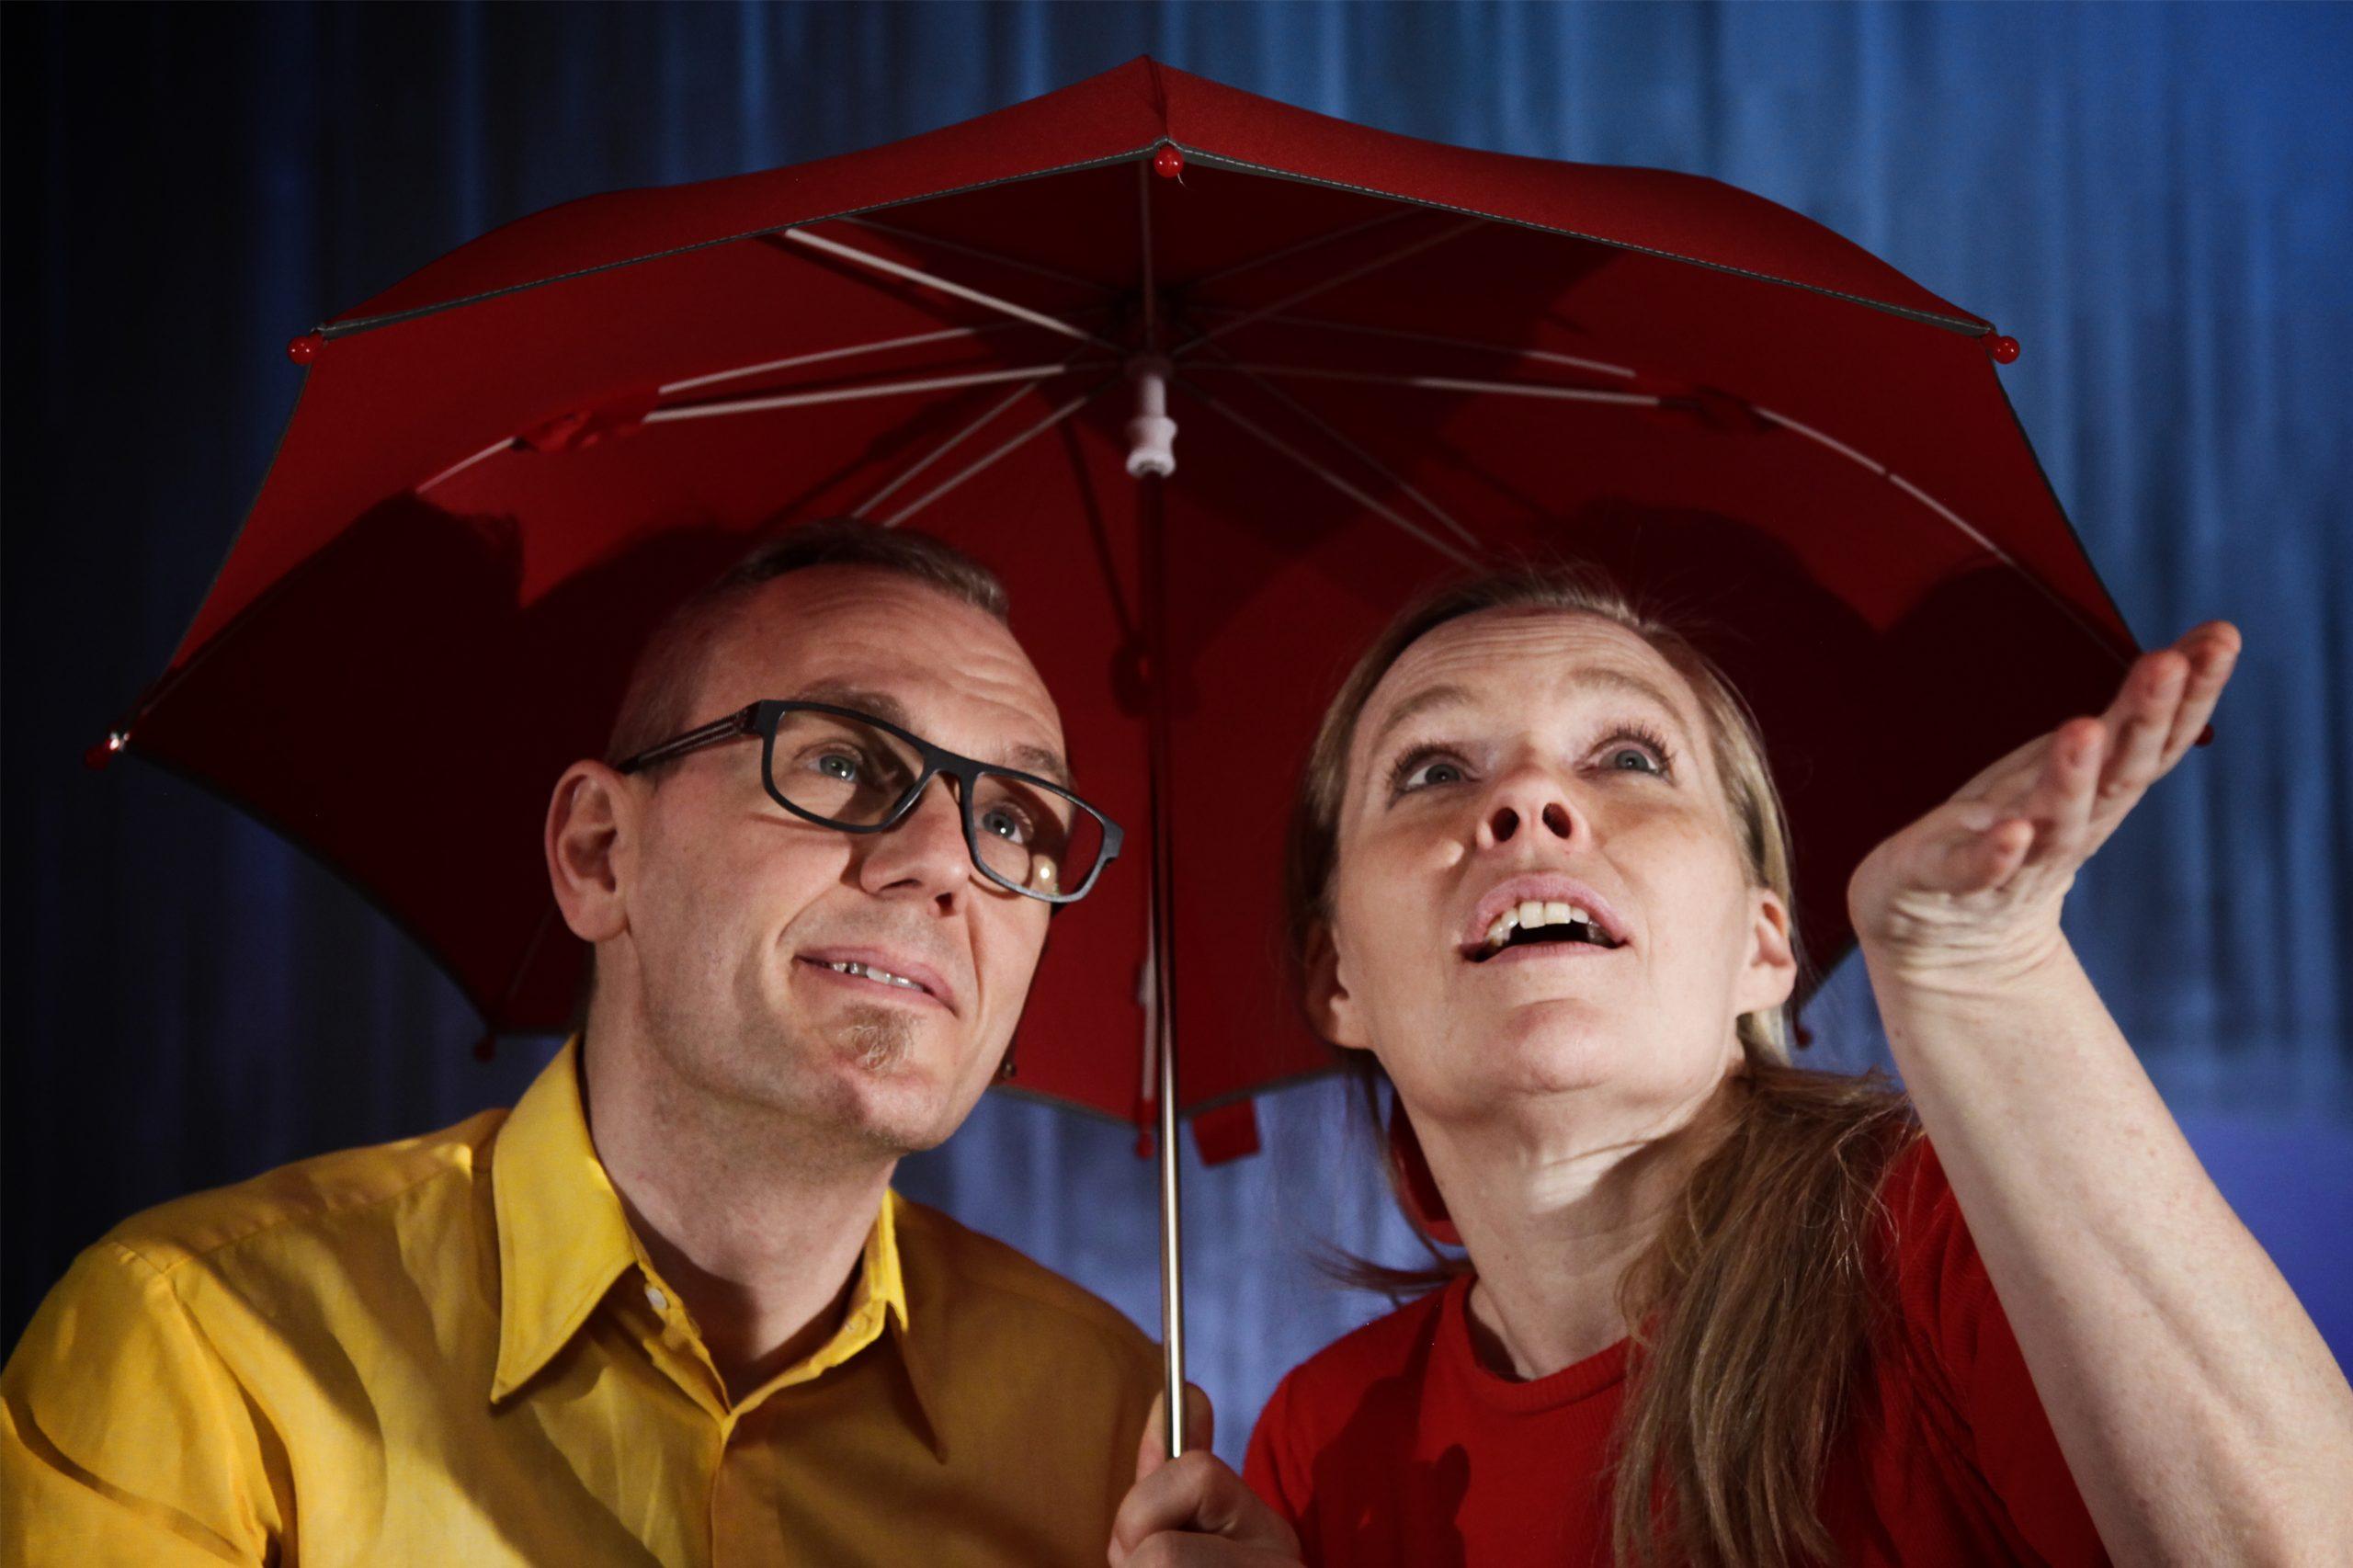 Stort og småt Hvidovre Teaterfestival